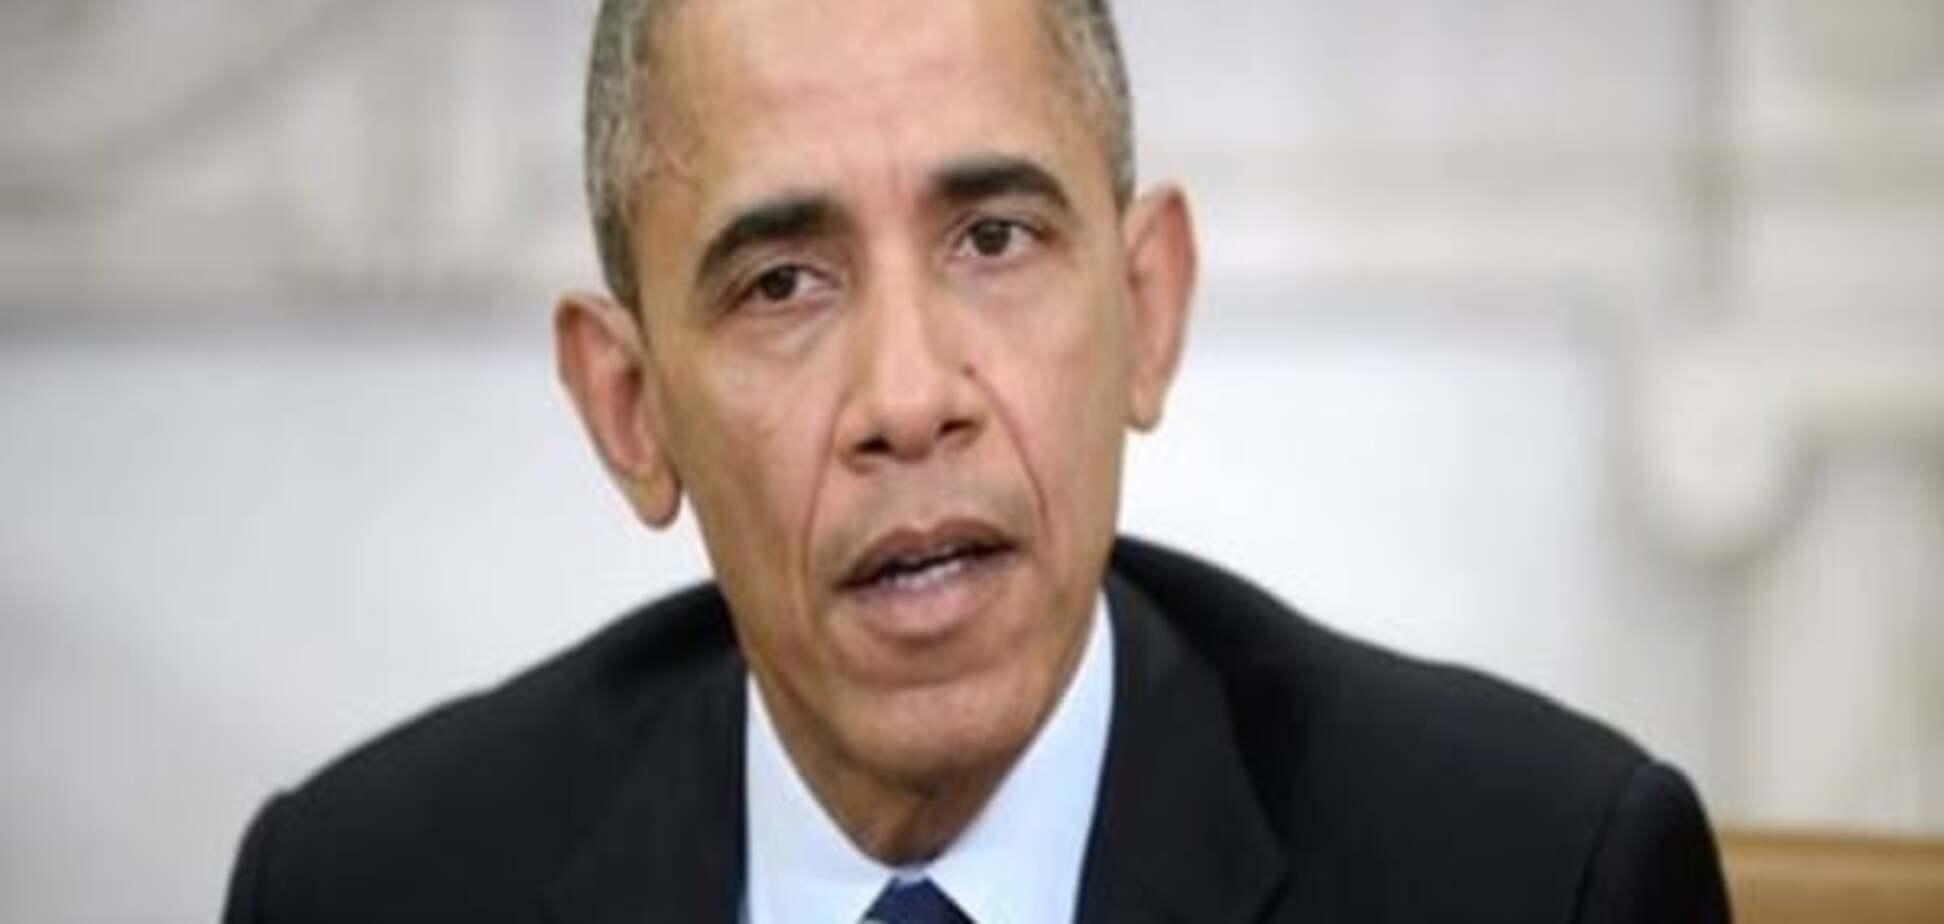 Обама не виключає зв'язок нападників у Каліфорнії з тероризмом